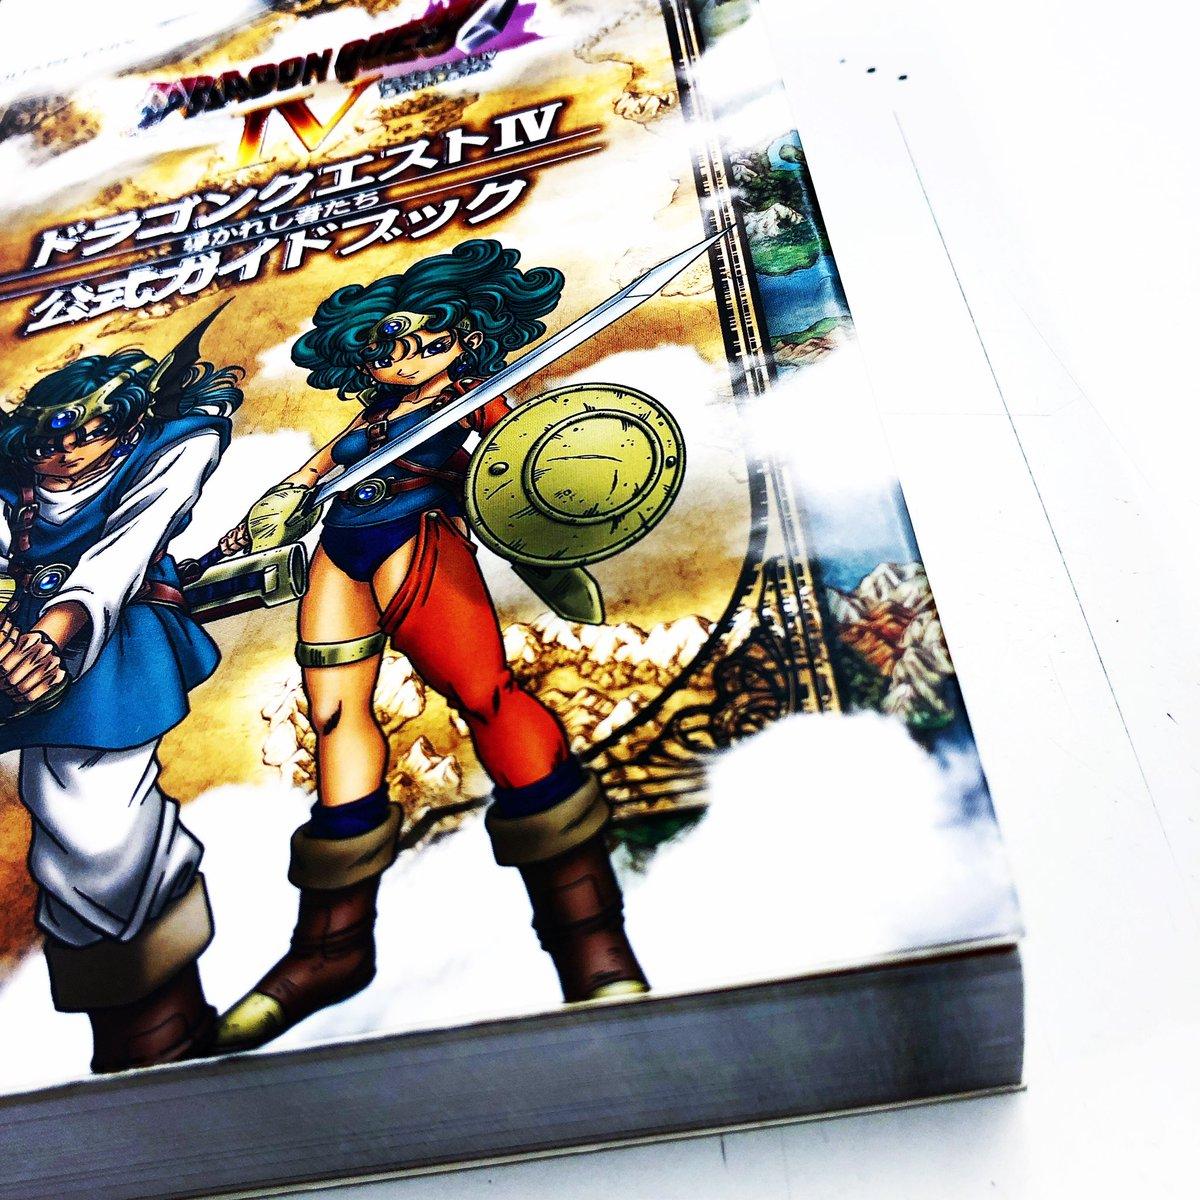 入荷案内です。DS版の攻略本です。「ドラゴンクエストⅣ導かれし者たち 公式ガイドブック」が入りました。攻略本のコーナーにあります。#攻略本 #guidebook #テレビゲーム #videogame #nintendo #任天堂 #ソニー #Sony #SEGA #セガ #Sapporo #札幌 #Hokkaido #北海道 #漫画林